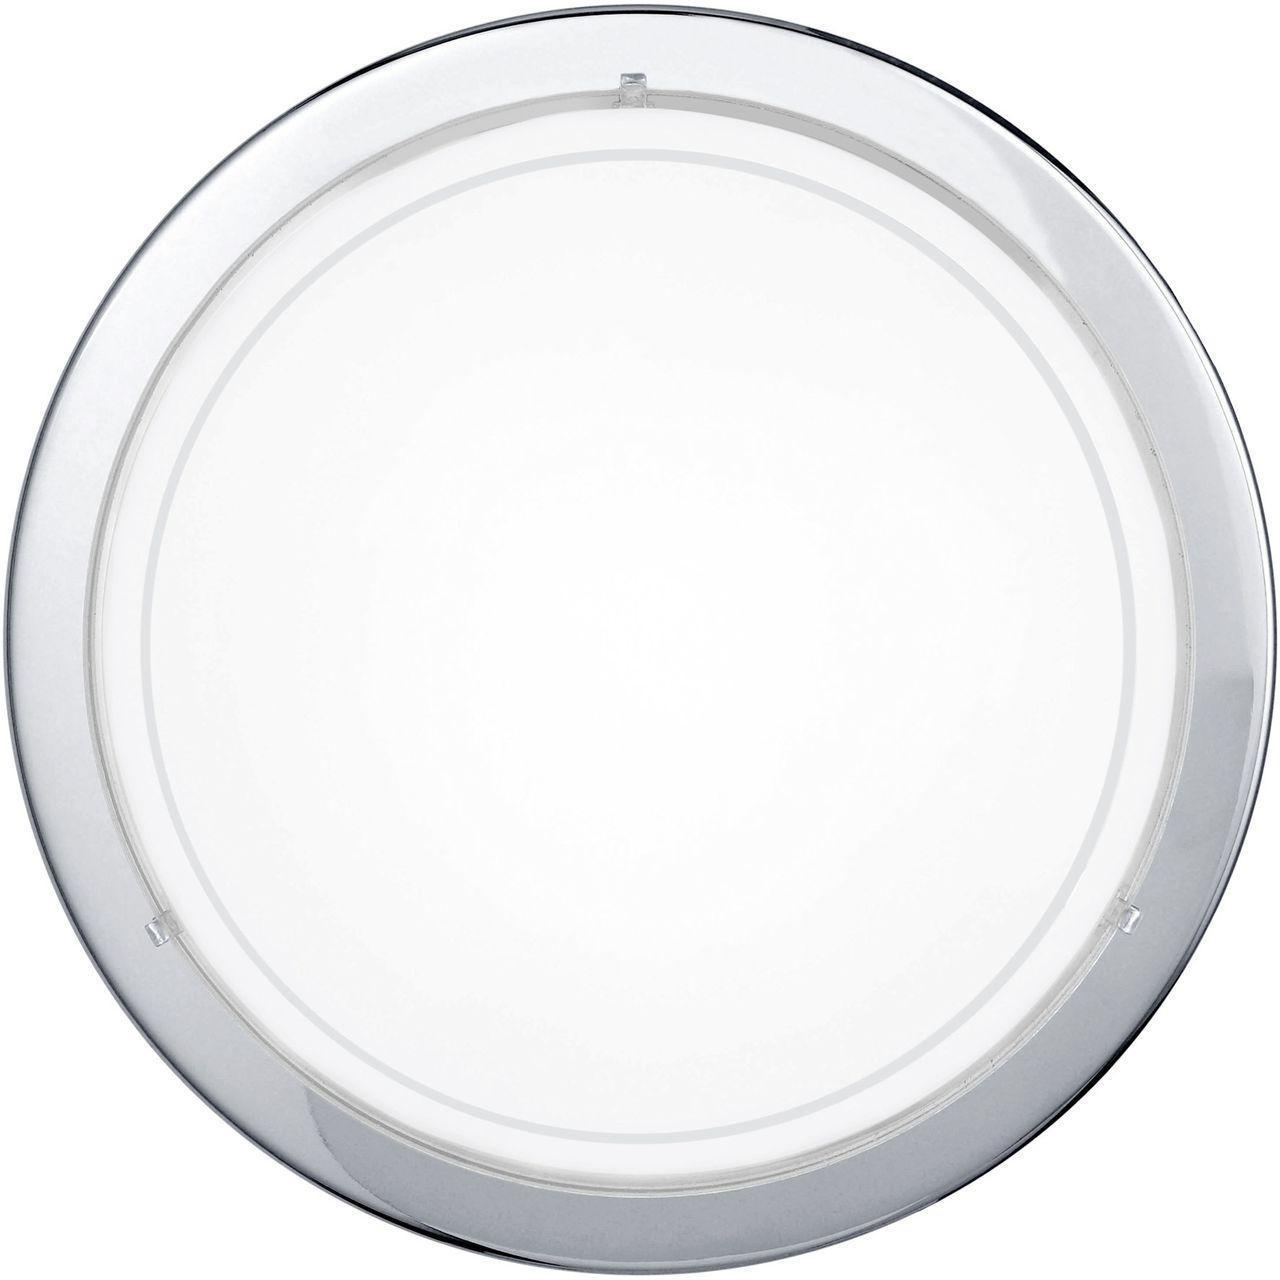 Настенно-потолочный светильник Eglo 83155, белый kk 317 фигурка кот сакс шамот